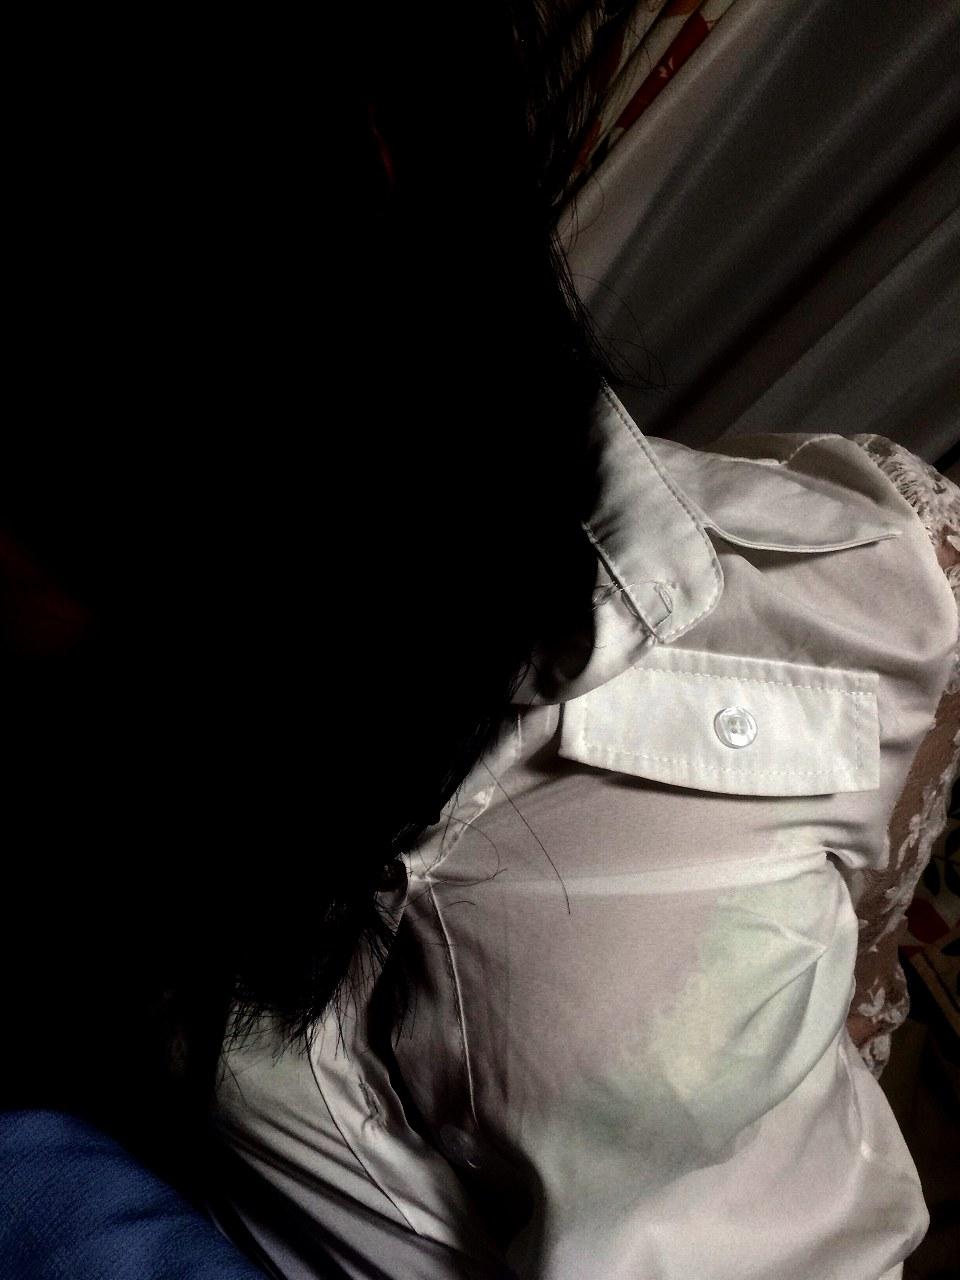 薄い服でブラジャーが透けてる画像の彩度を変えてブラジャースケスケにした画像